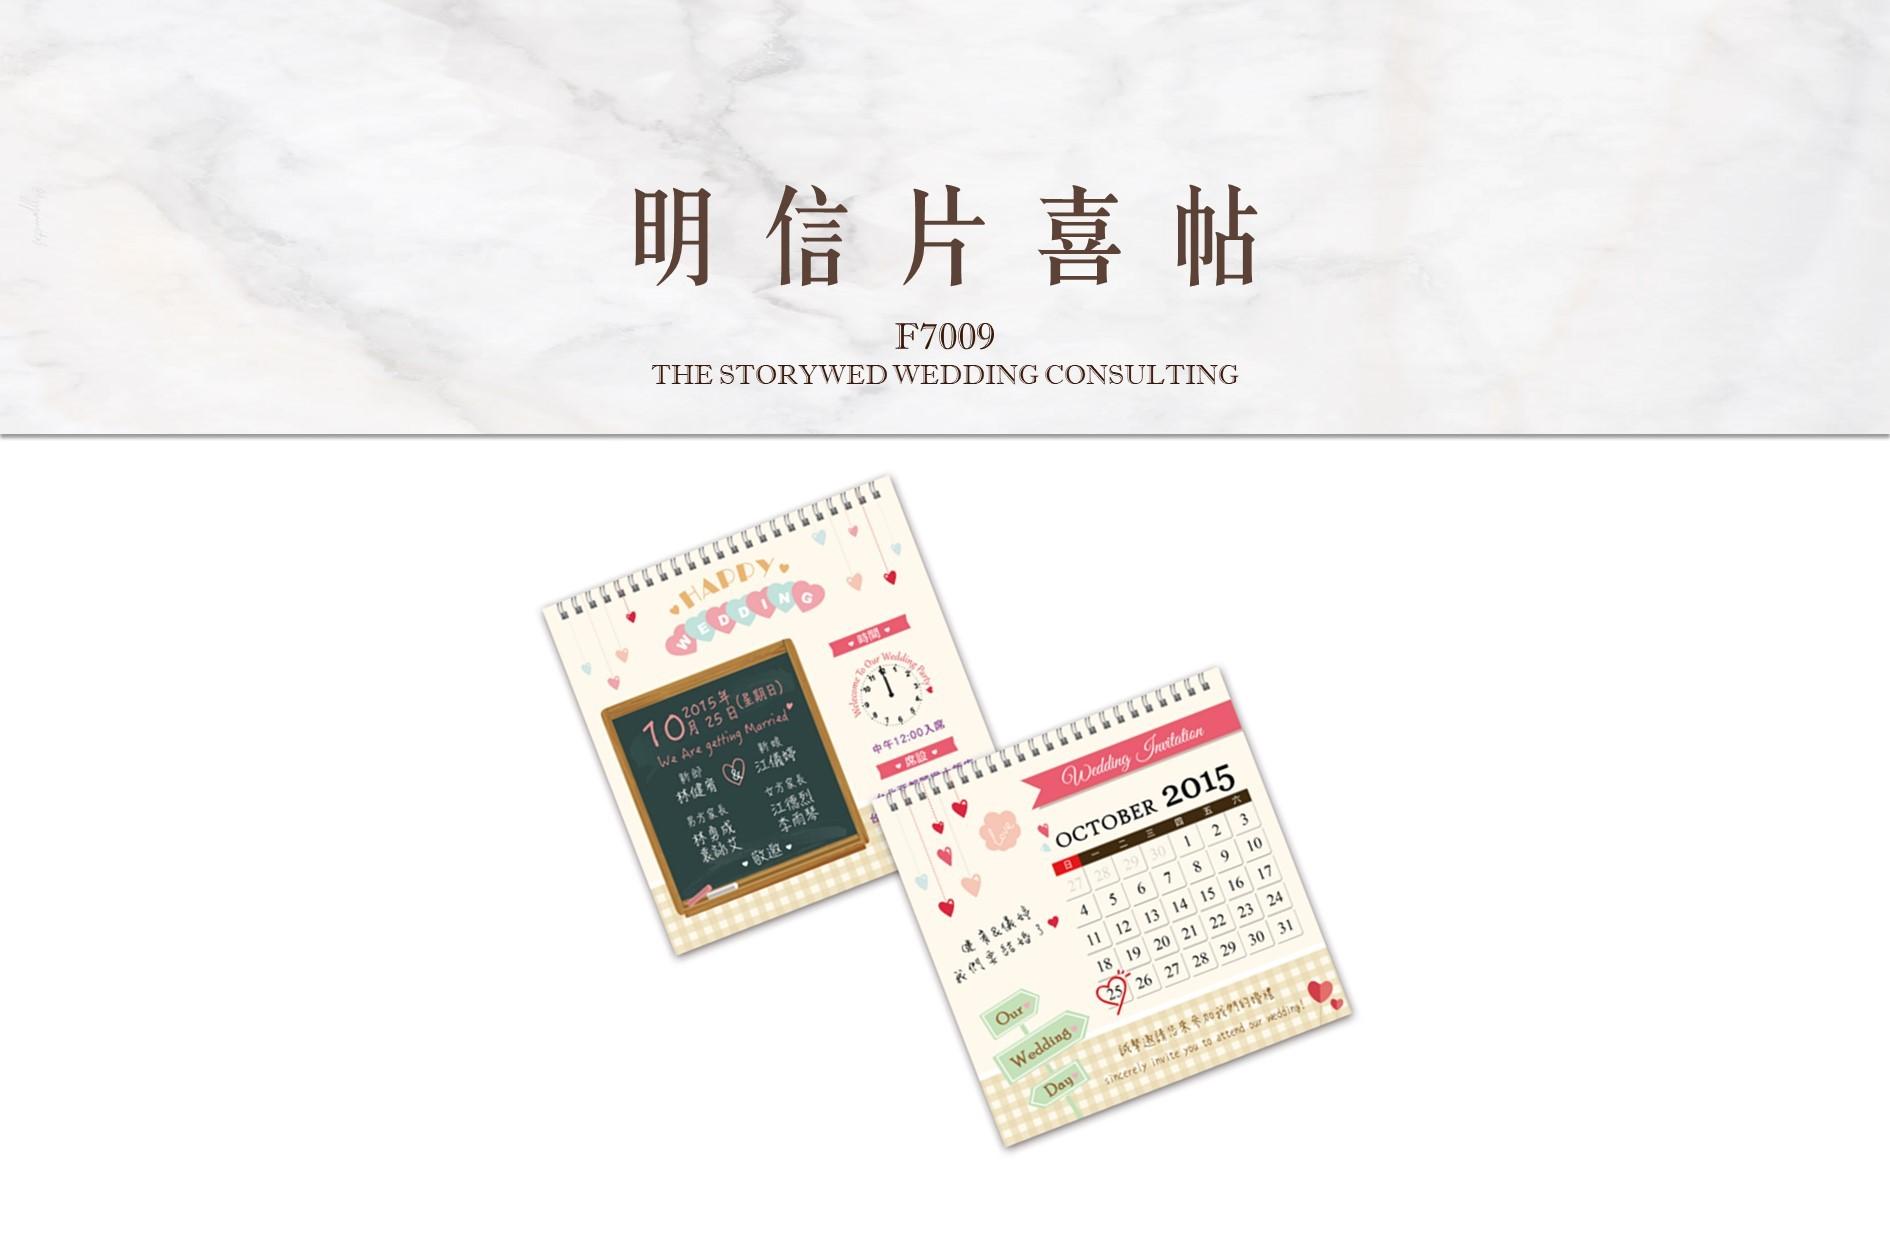 〖婚卡喜帖〗明信片喜帖 F7009